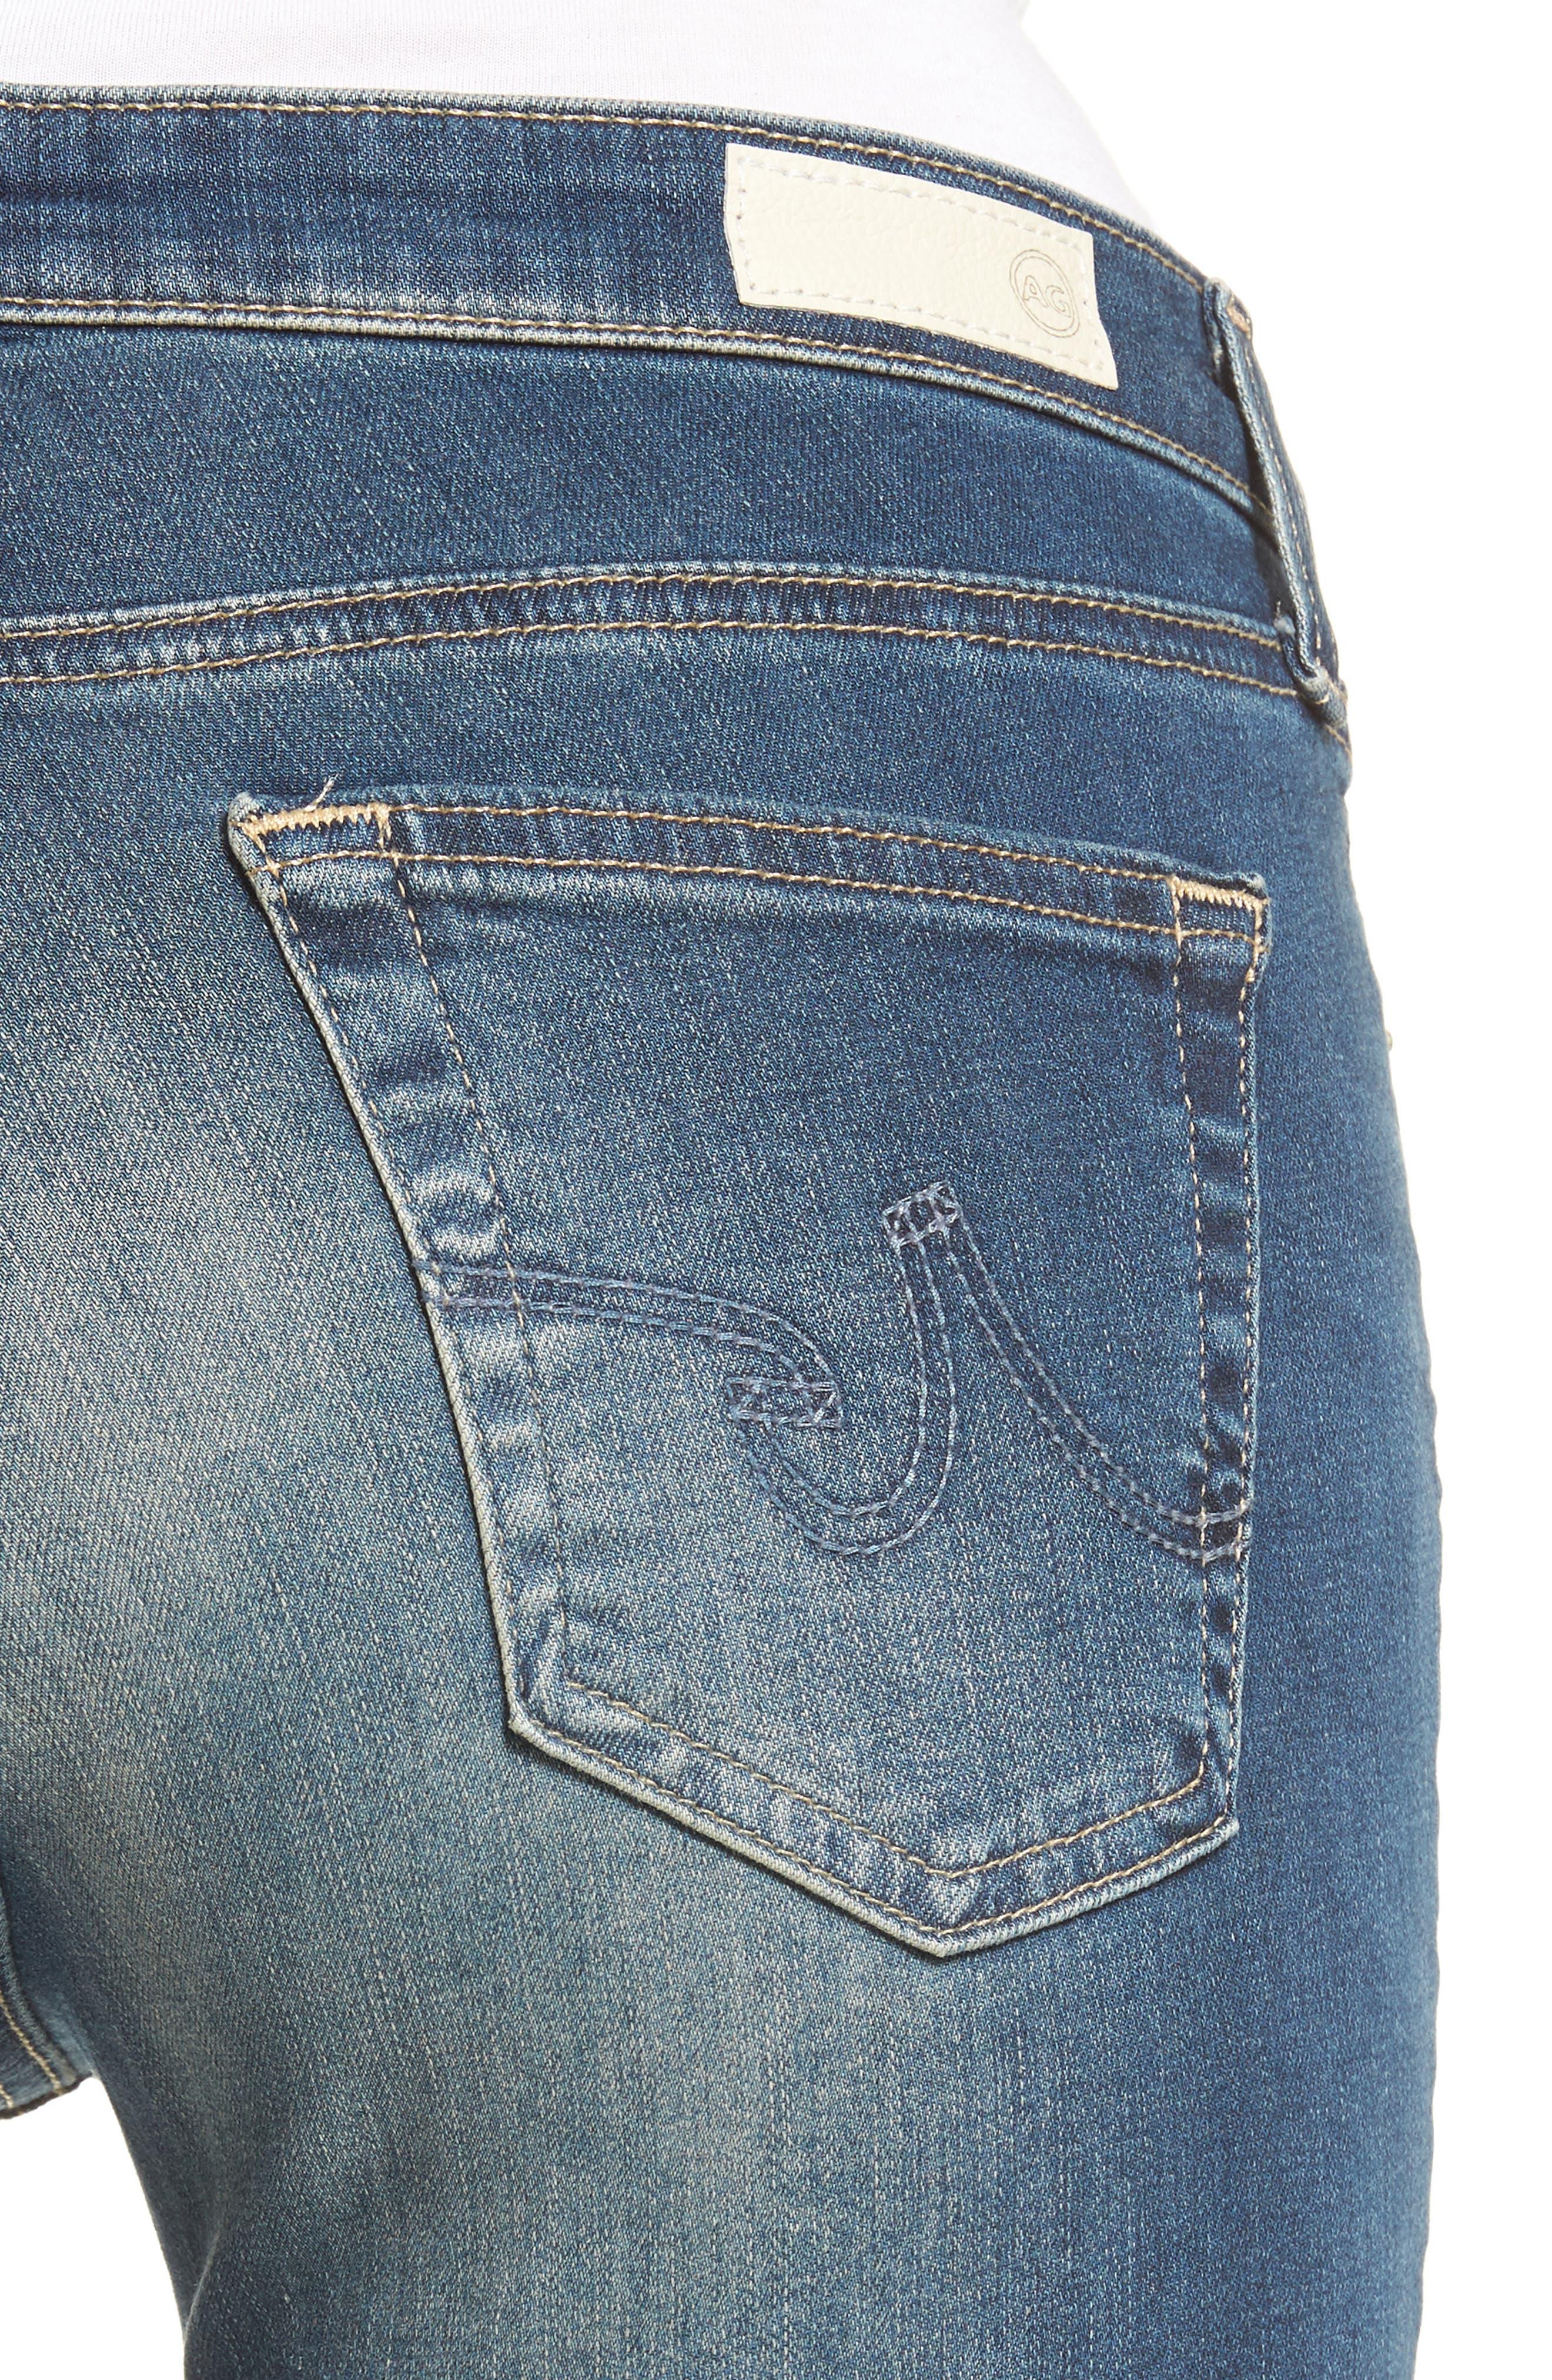 Alternate Image 4  - AG The Legging Super Skinny Jeans (12 Years Abide)